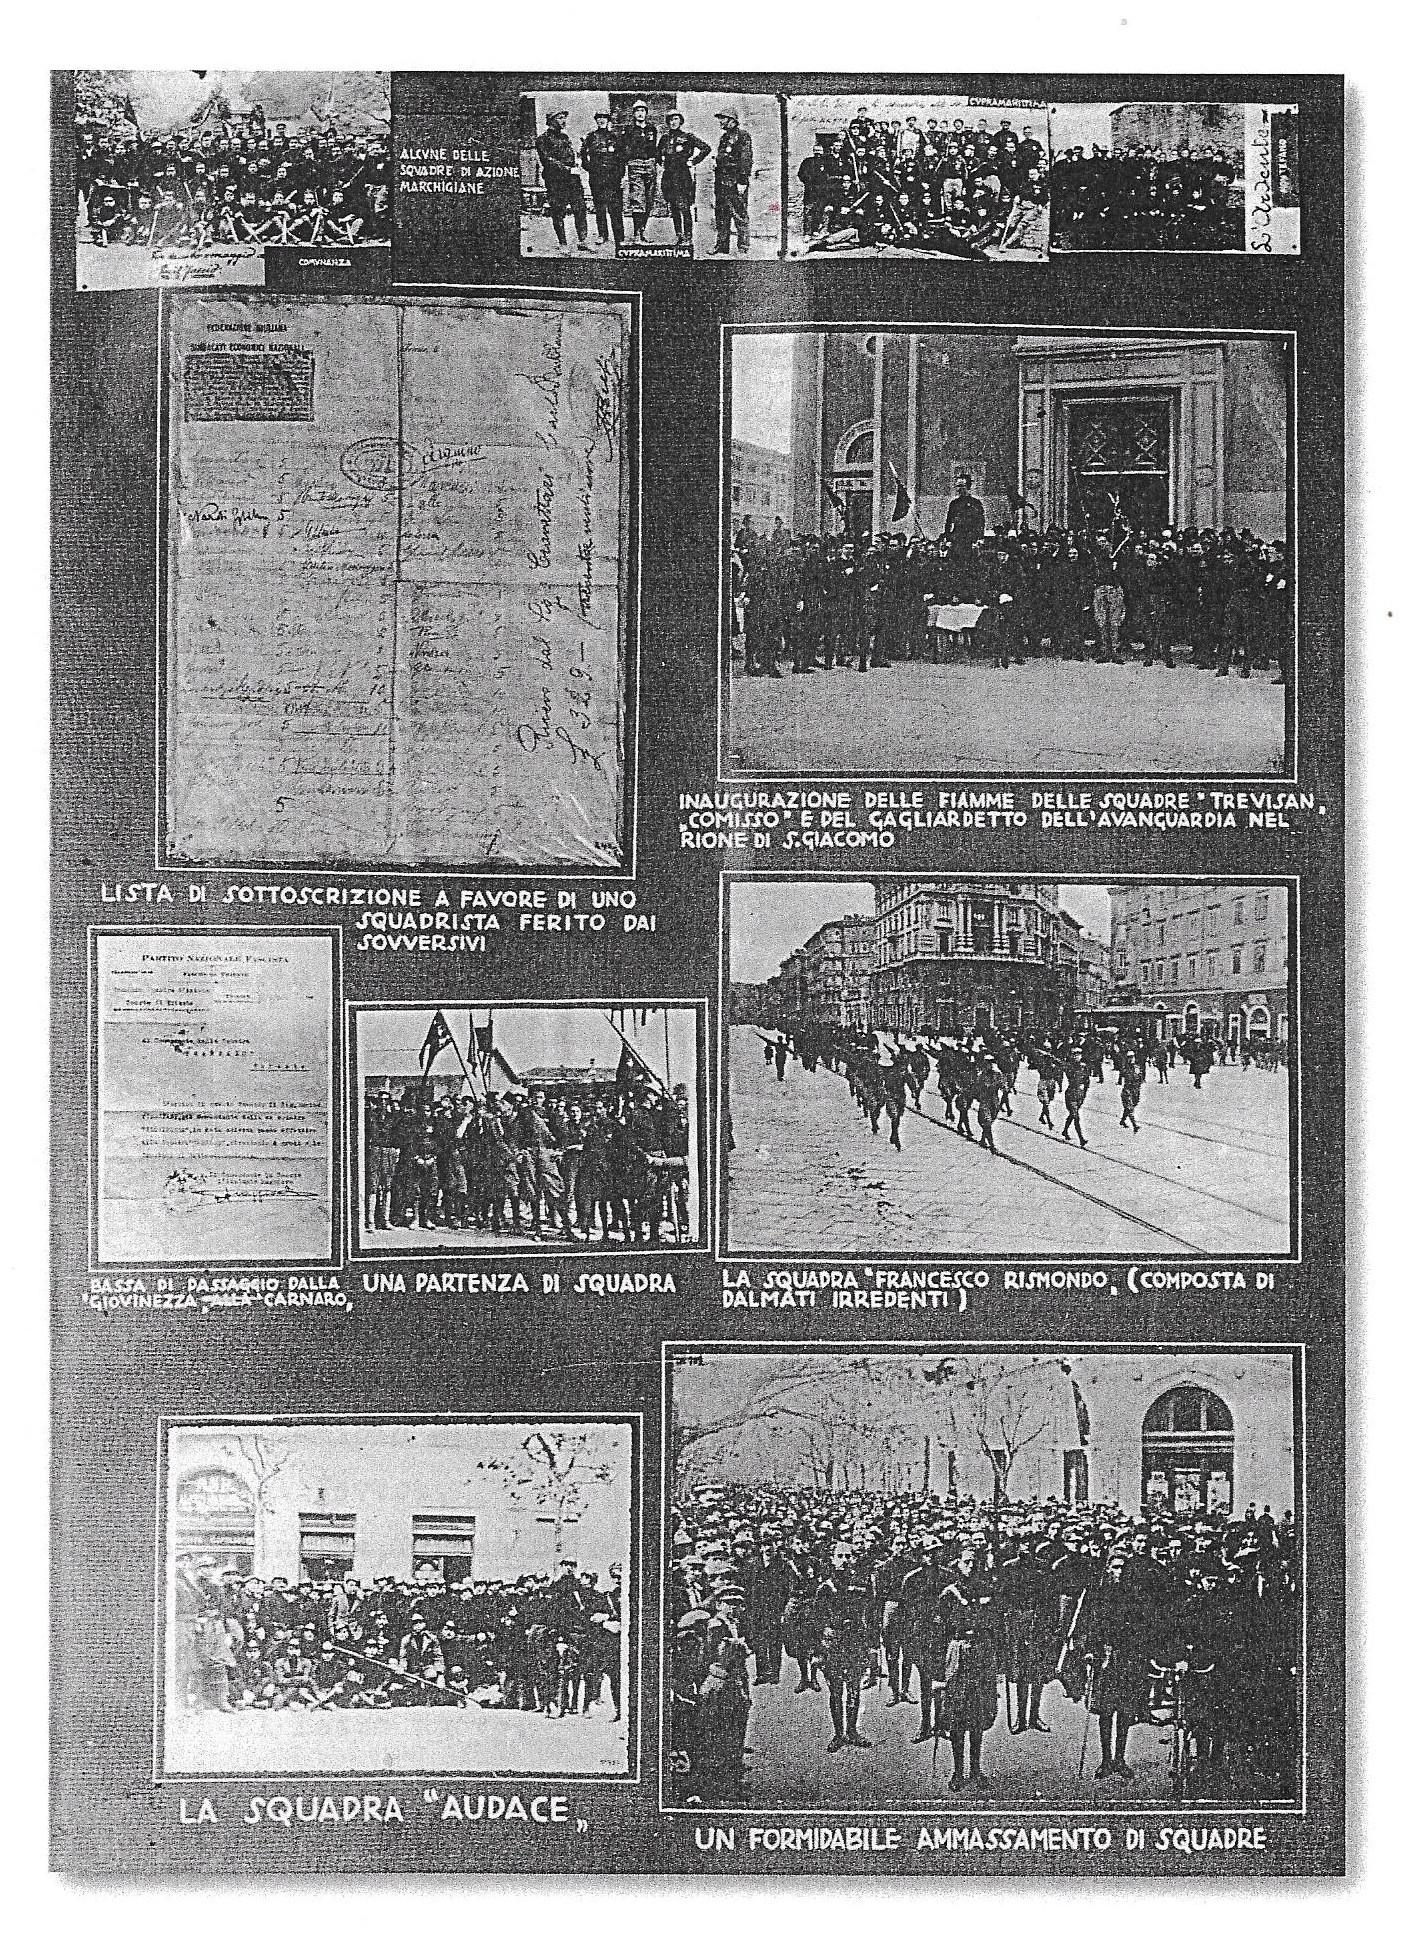 """STORIA DELLO SQUADRISMO TRIESTINO NEL 1920: """"Il fascismo triestino nacque povero. Non c'erano agrari e non c'erano industriali"""" (1^ parte) – Giacinto Reale"""